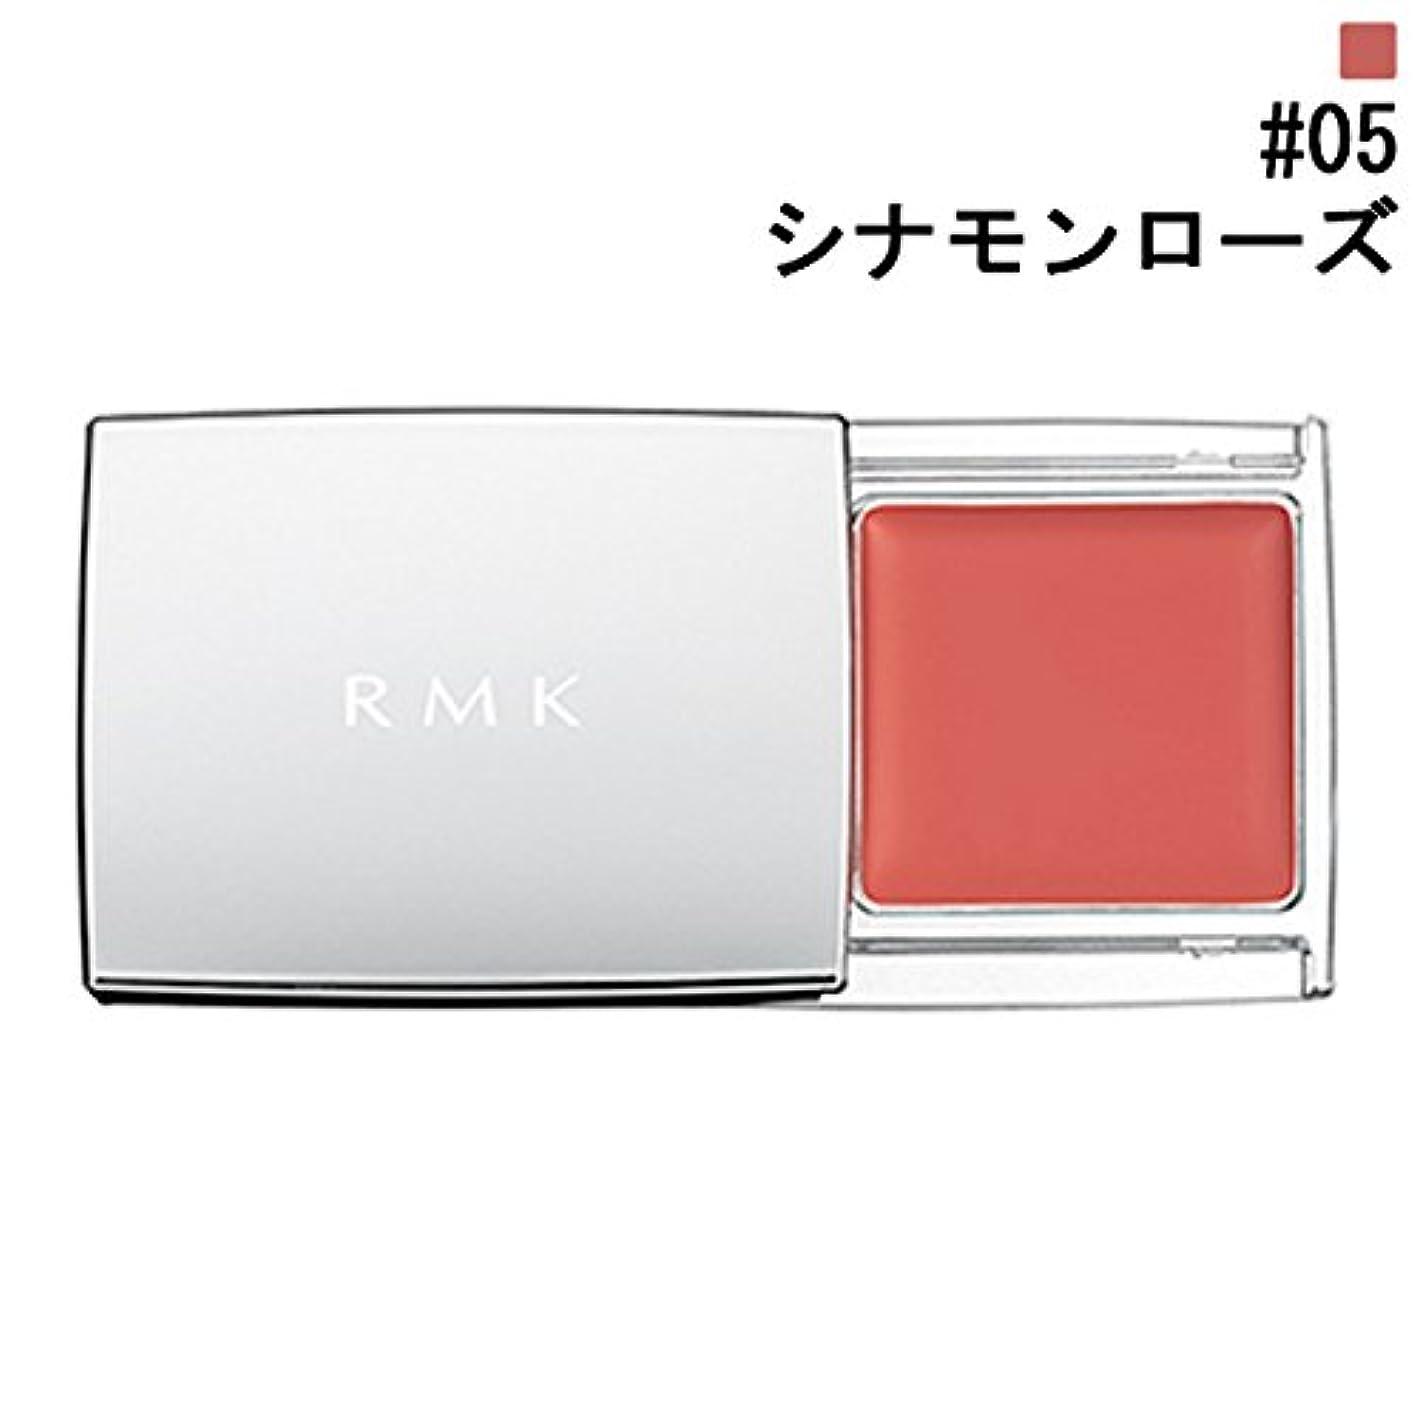 イベントキッチンに同意する【RMK (ルミコ)】RMK マルチペイントカラーズ #05 シナモンローズ 1.5g